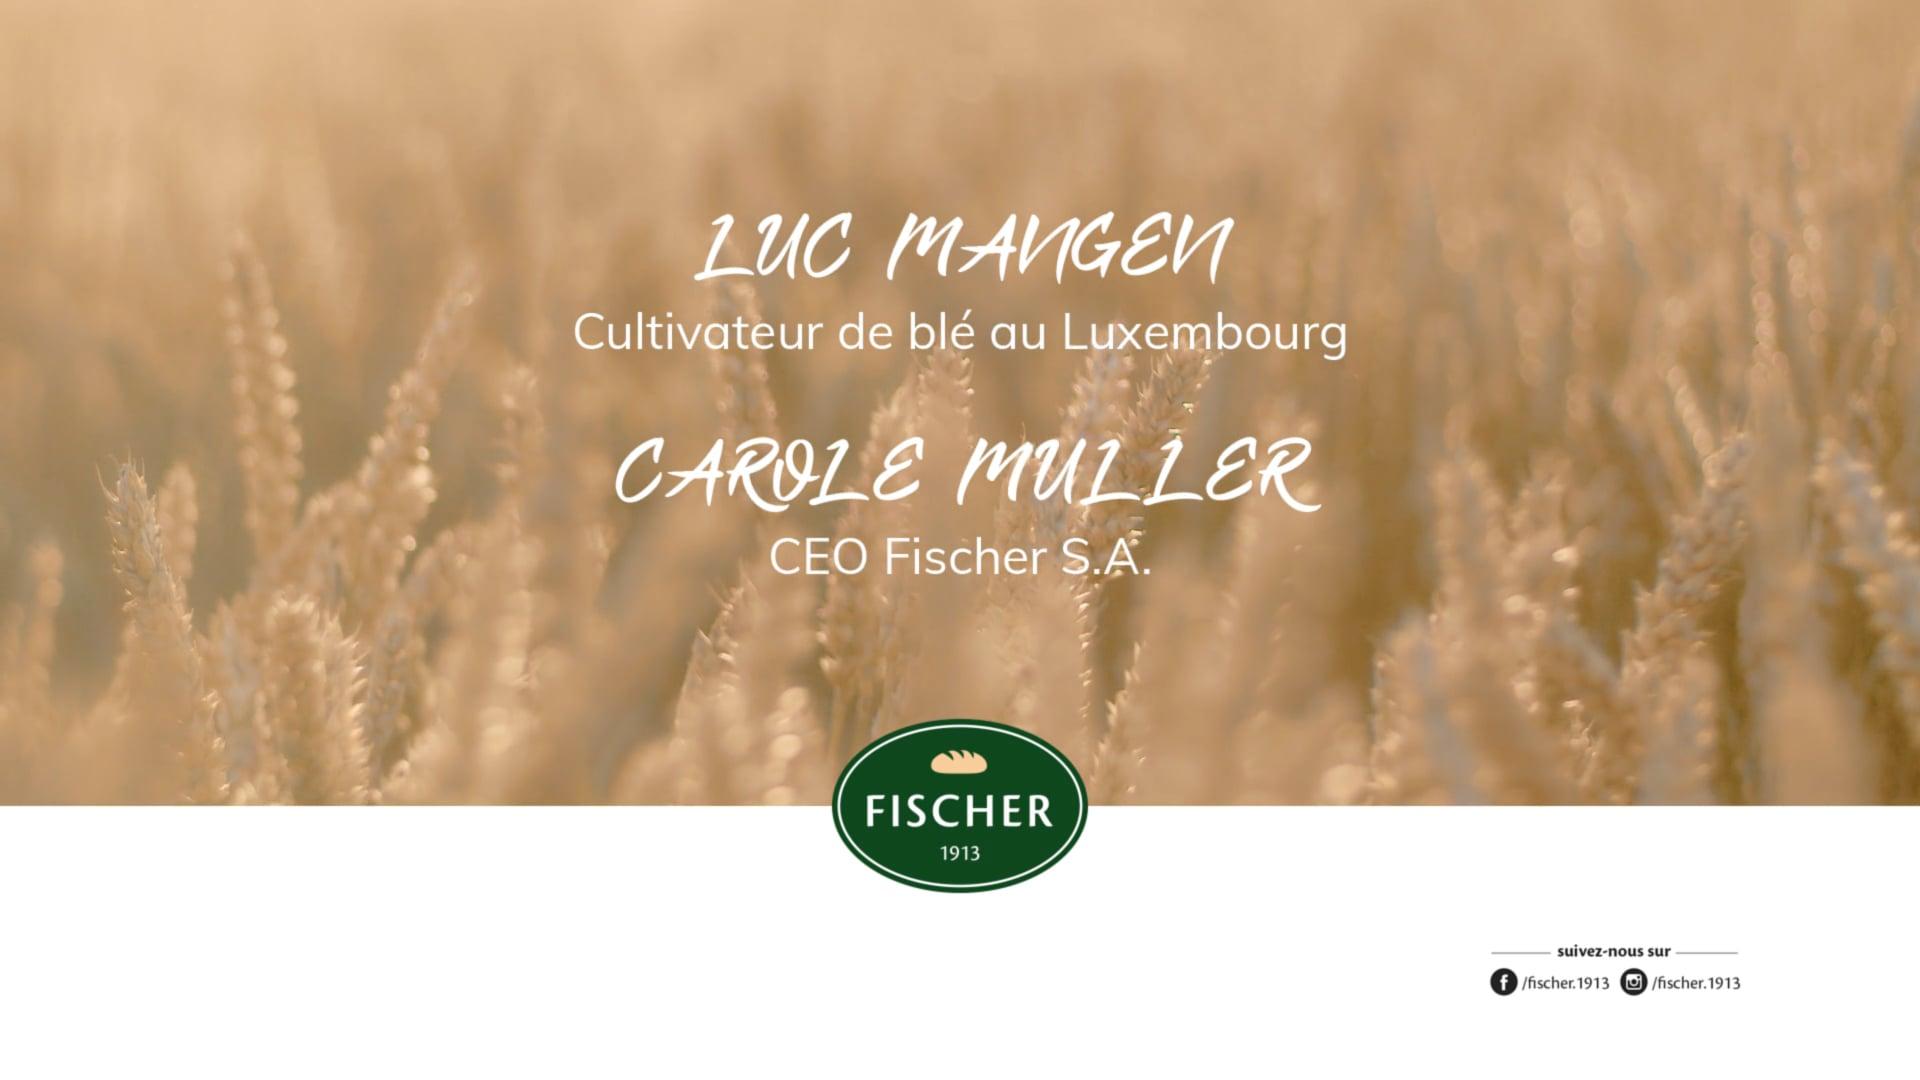 Fischer - La cullture du blé au Luxembourg